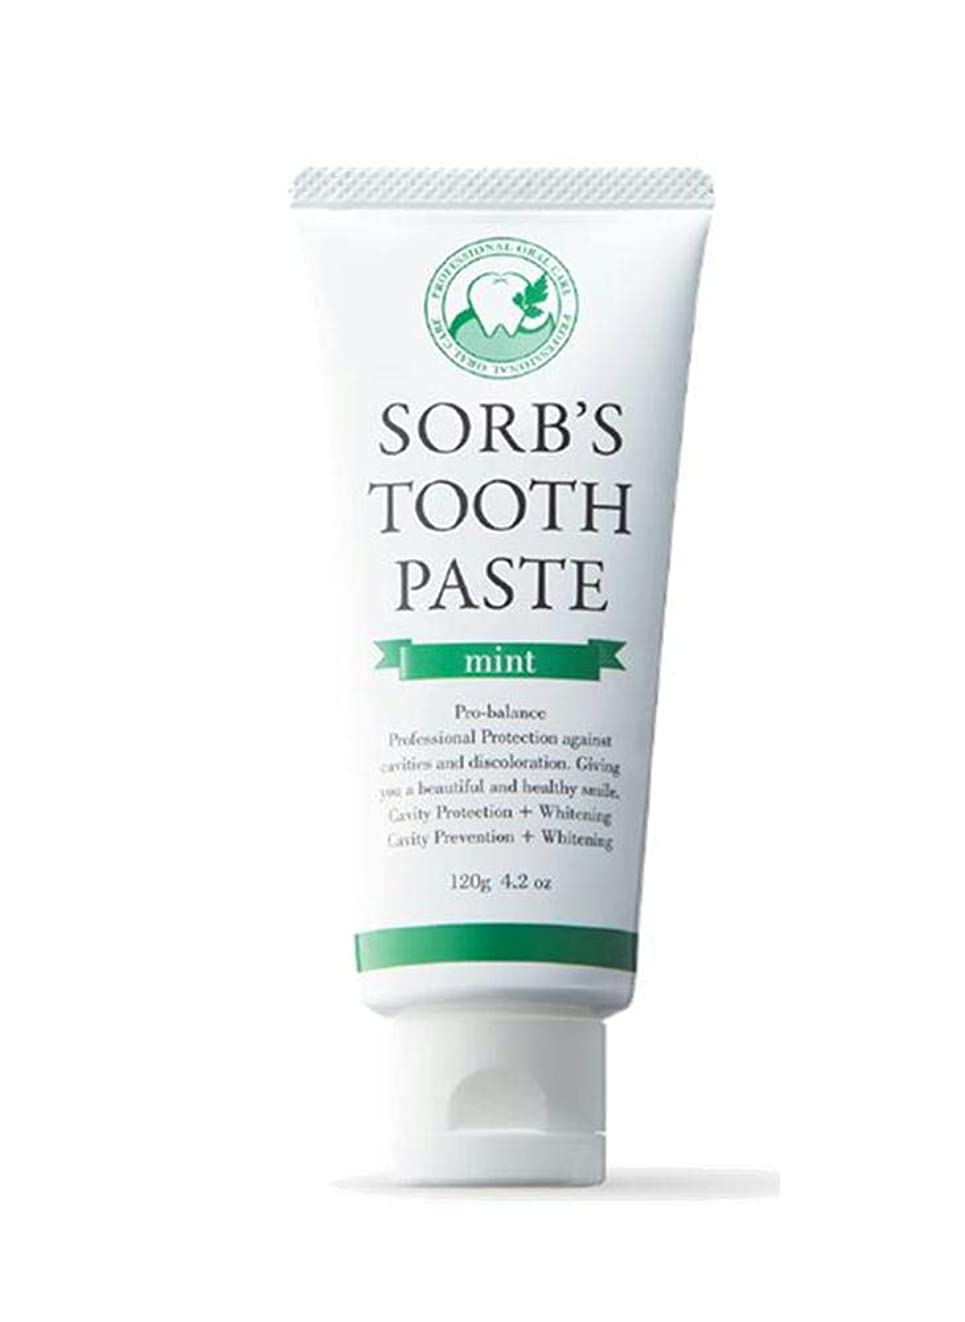 映画それに応じて闇ソーブズ トゥースペースト ミント 120g 歯磨き粉 SORB'S ソーブス TOOTH PASTE mint ダチョウ抗体